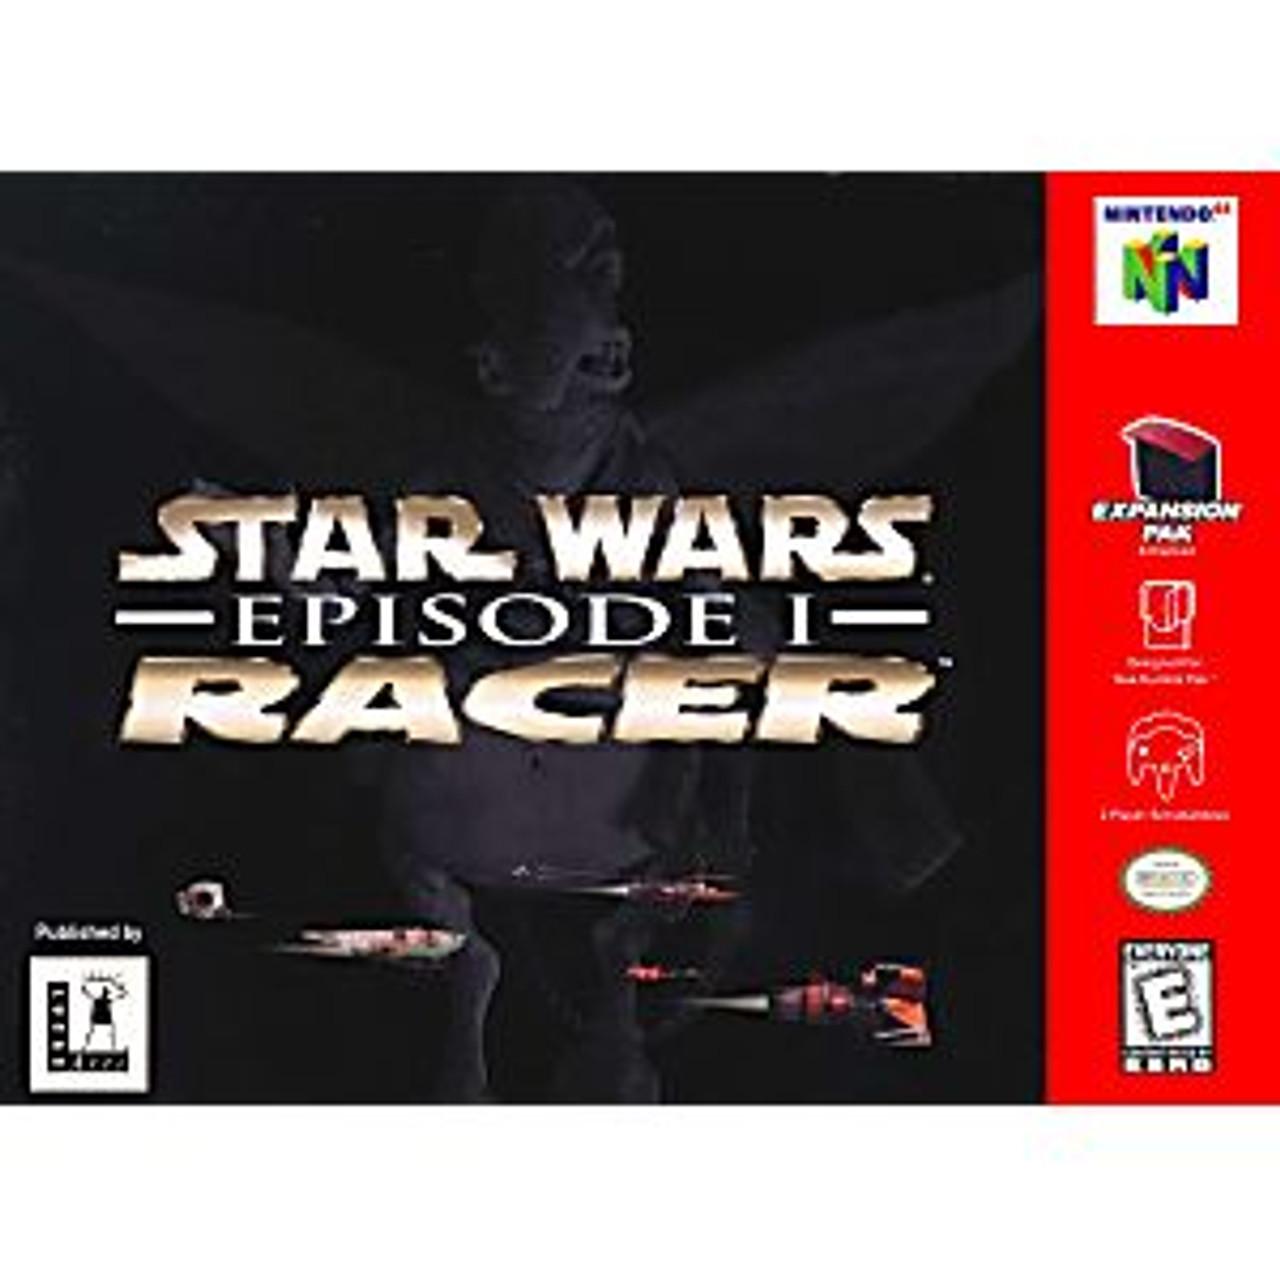 STAR WARS EPISODE 1 RACER - N64